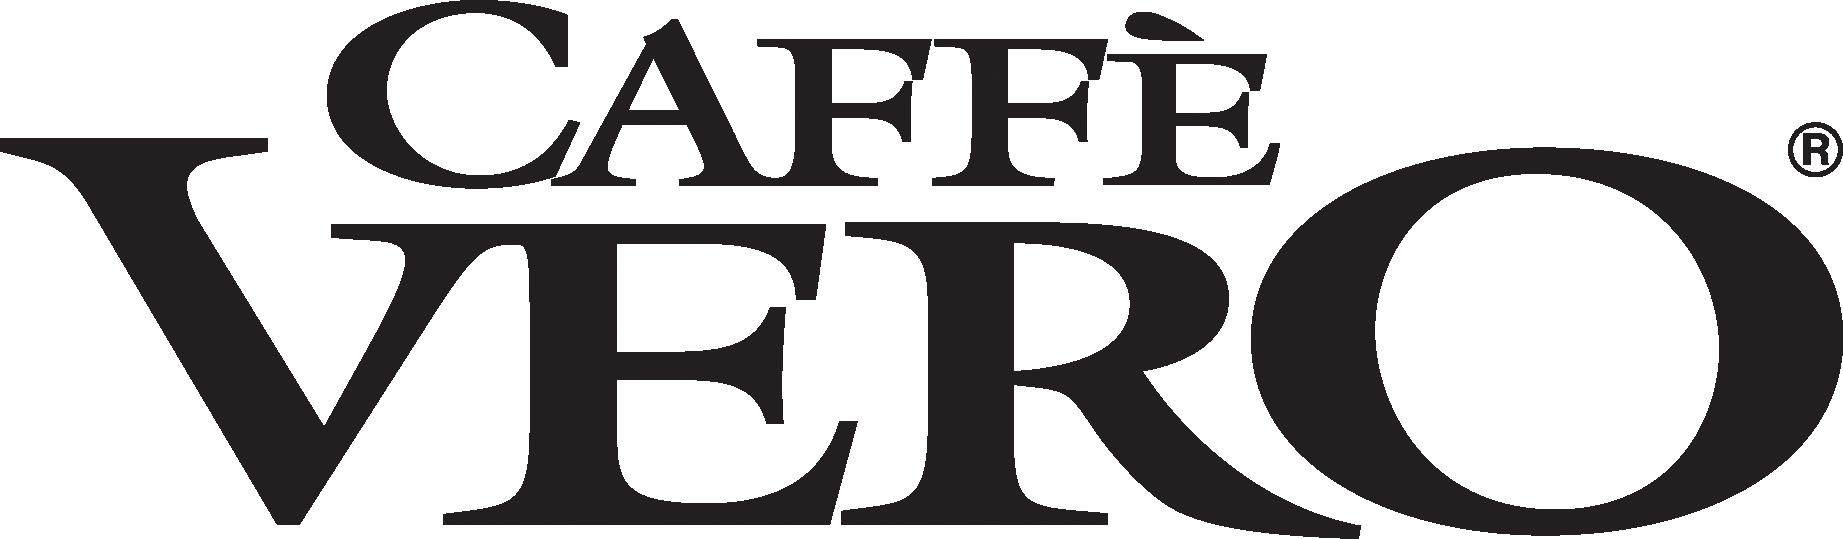 caffevero_logo_ny